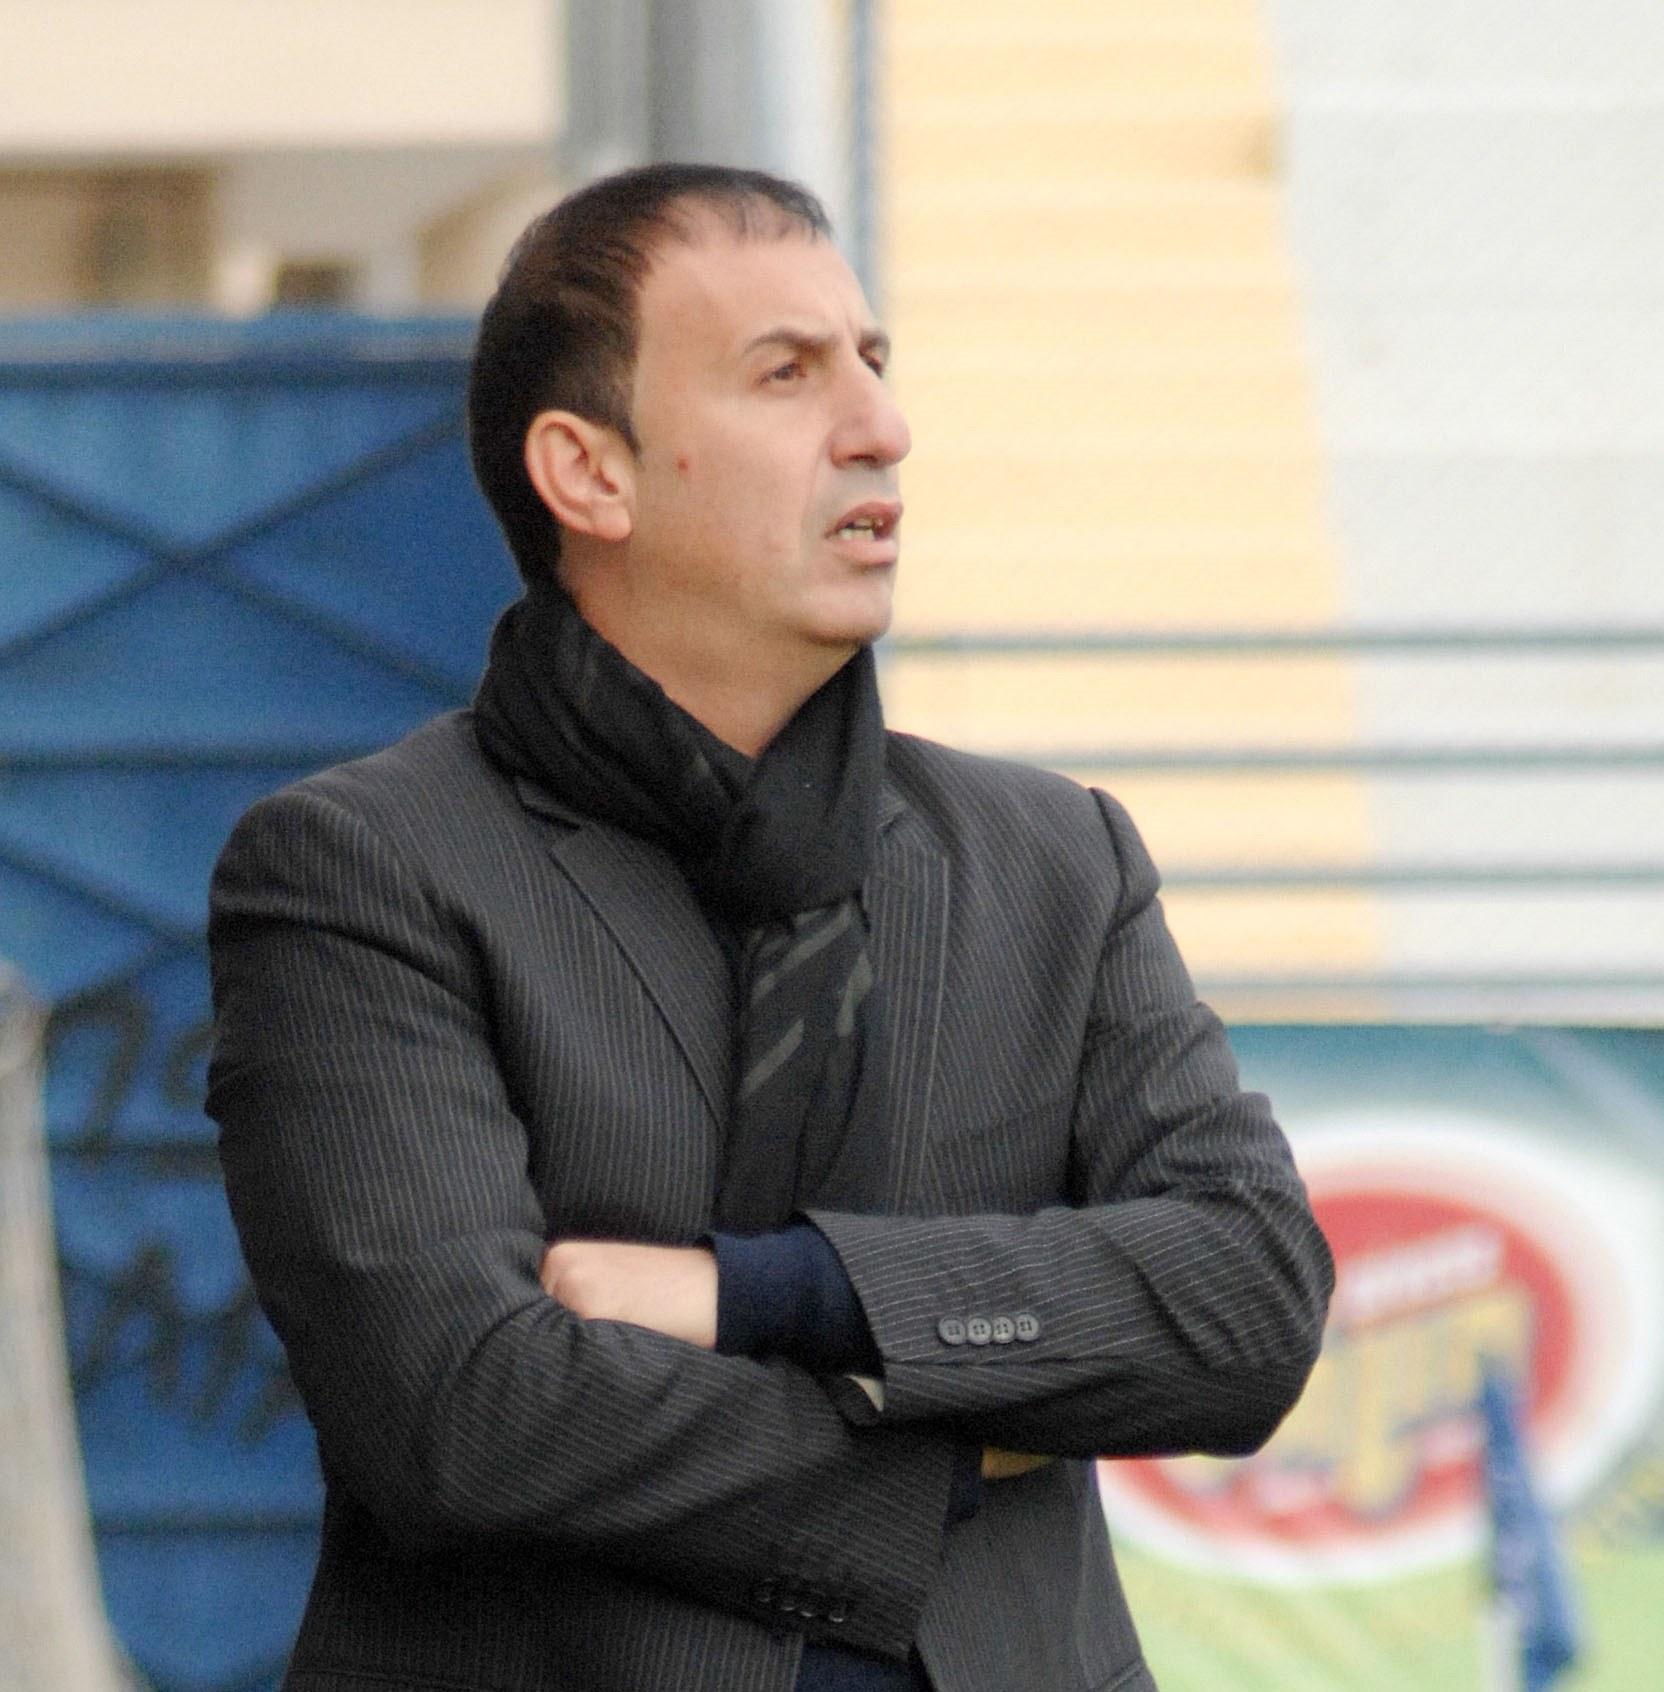 Άγιος Ιερόθεος: Παραιτήθηκε ο Αρχοντάκης - Sportime.GR